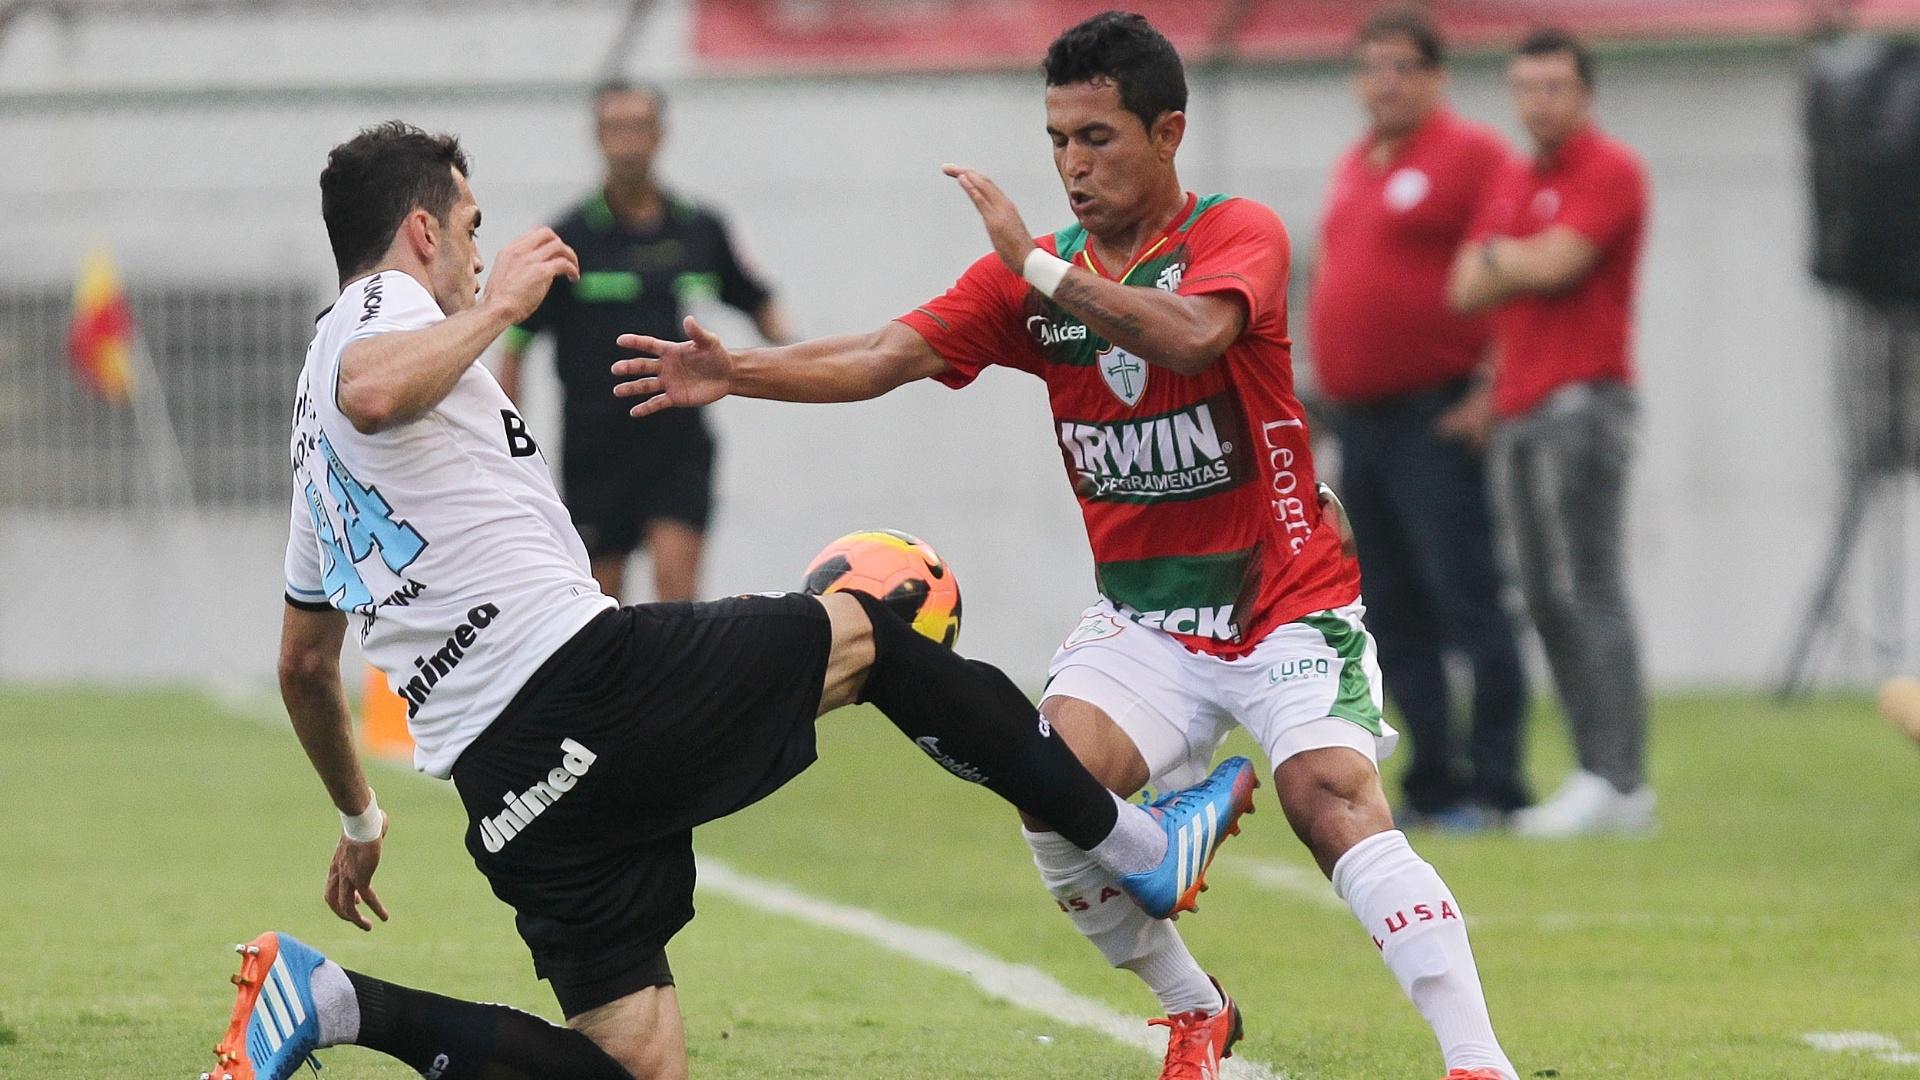 Rhodolfo, do Grêmio, disputa bola com Wanderson, da Portuguesa, em duelo no Canindé